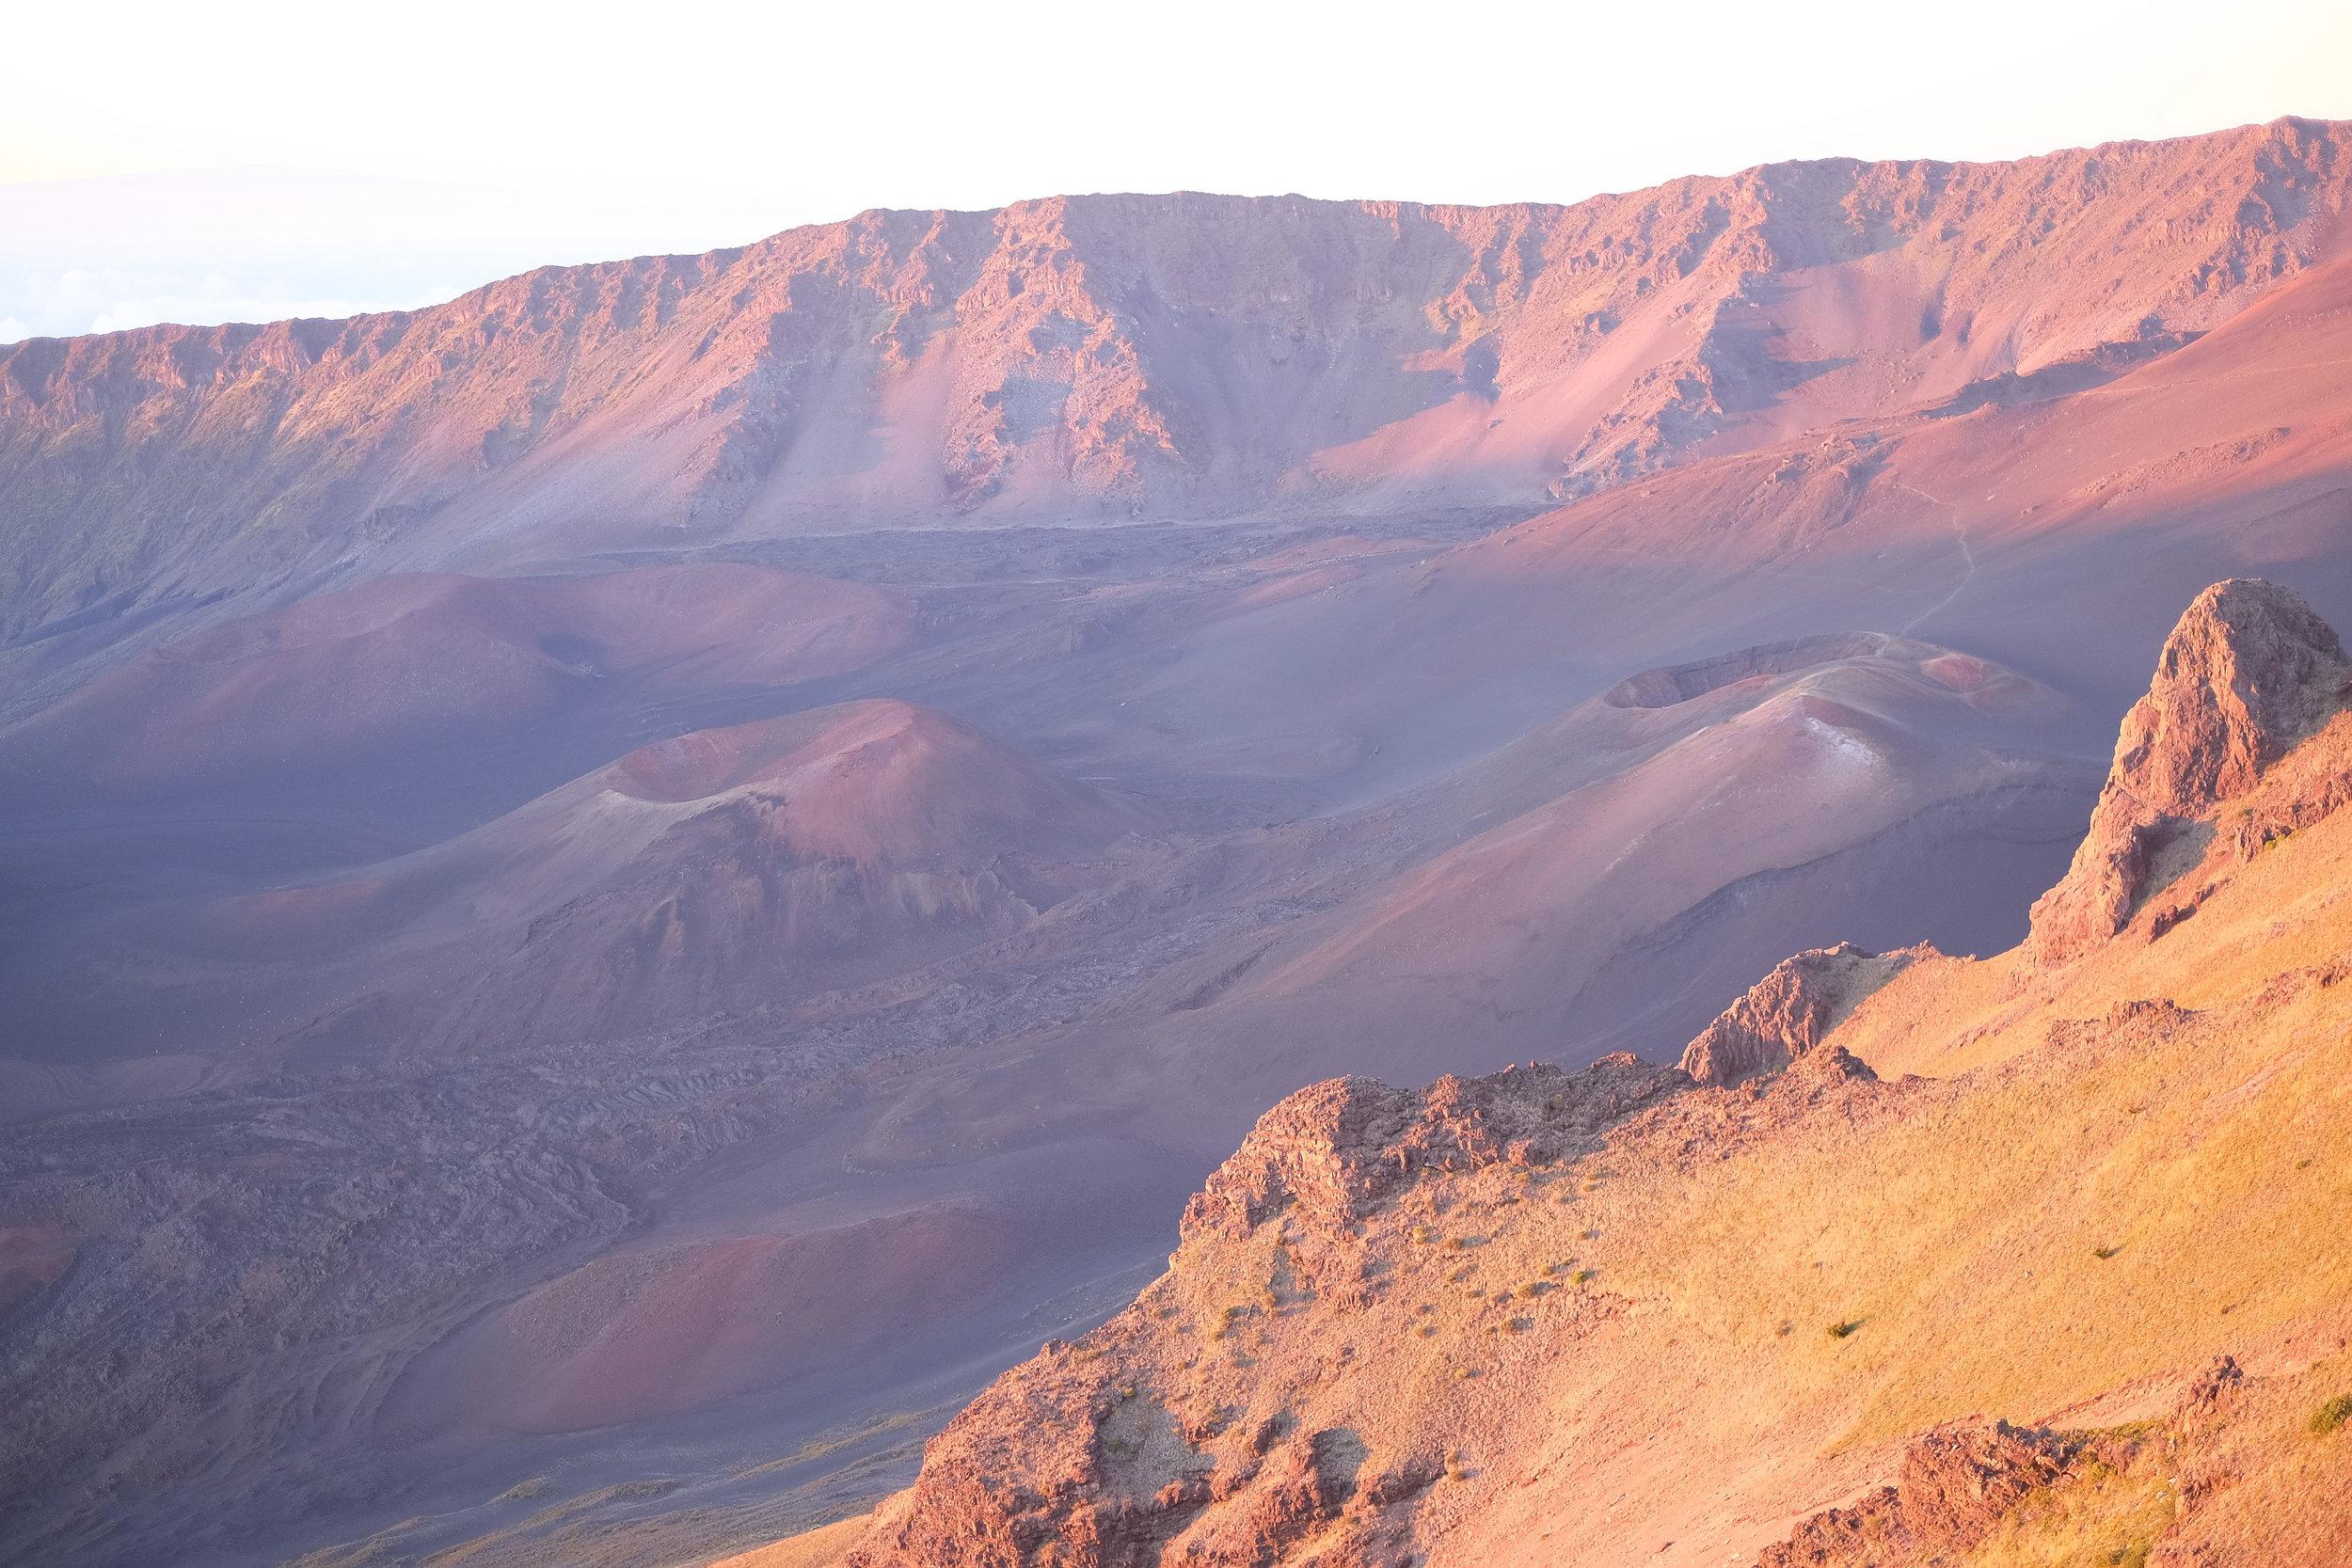 Maui-CraterSunrise.jpg